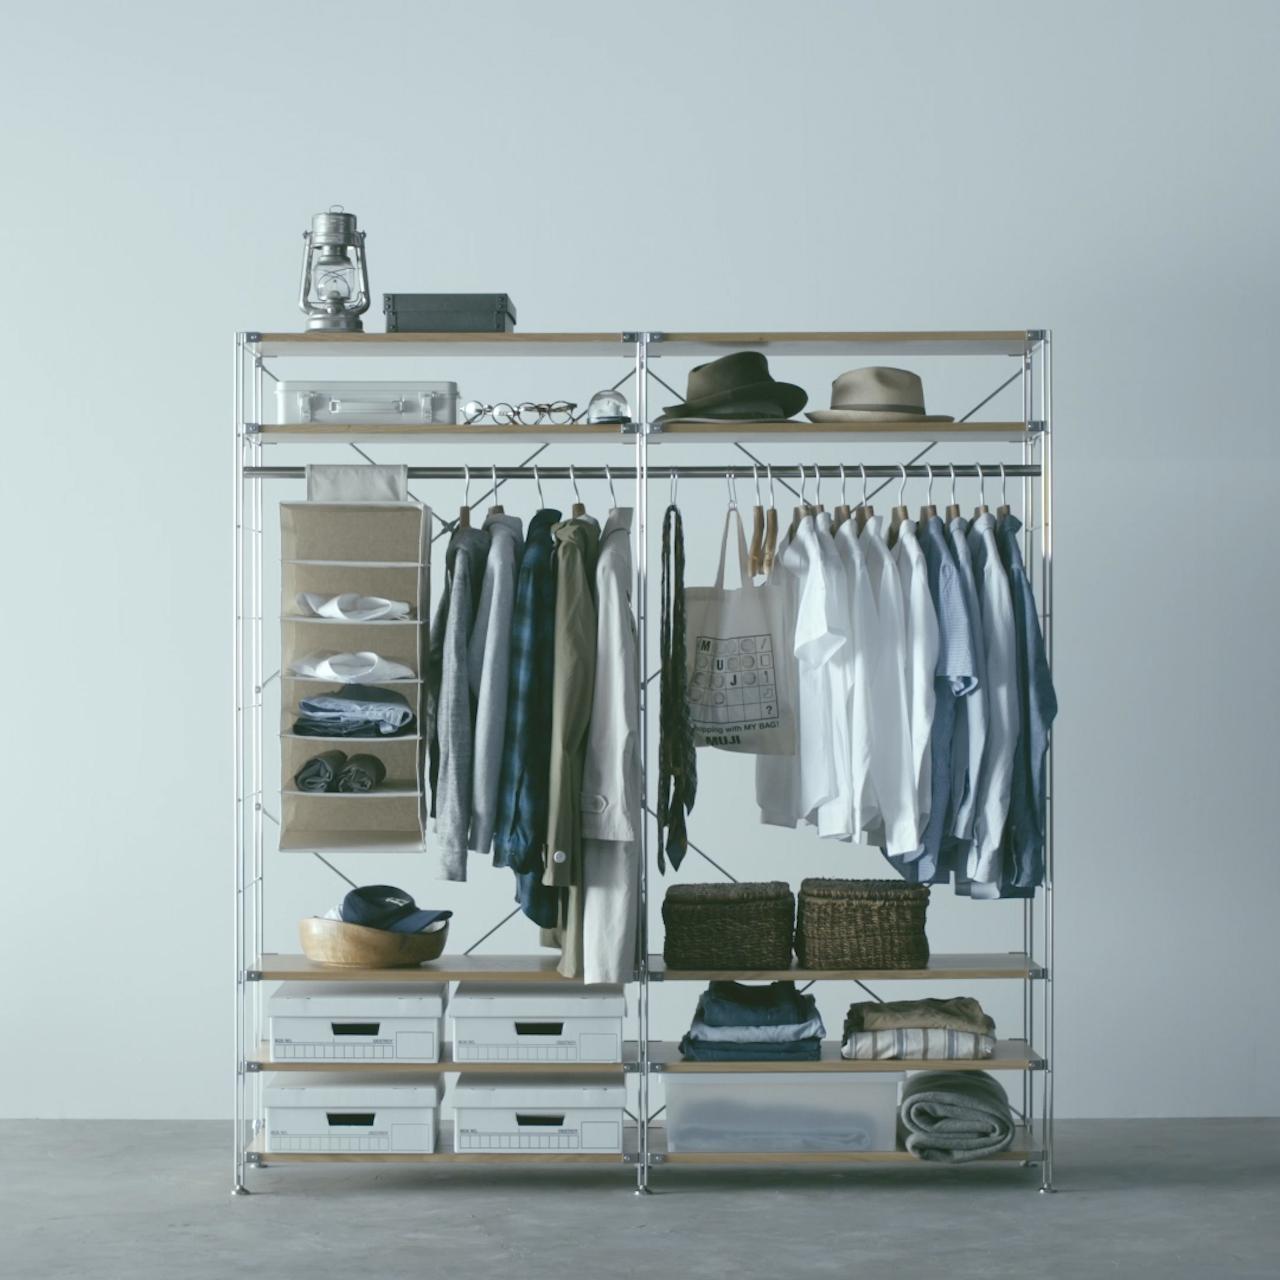 ワードローブとして使う - Unit Shelf | Compact Life | 無印良品